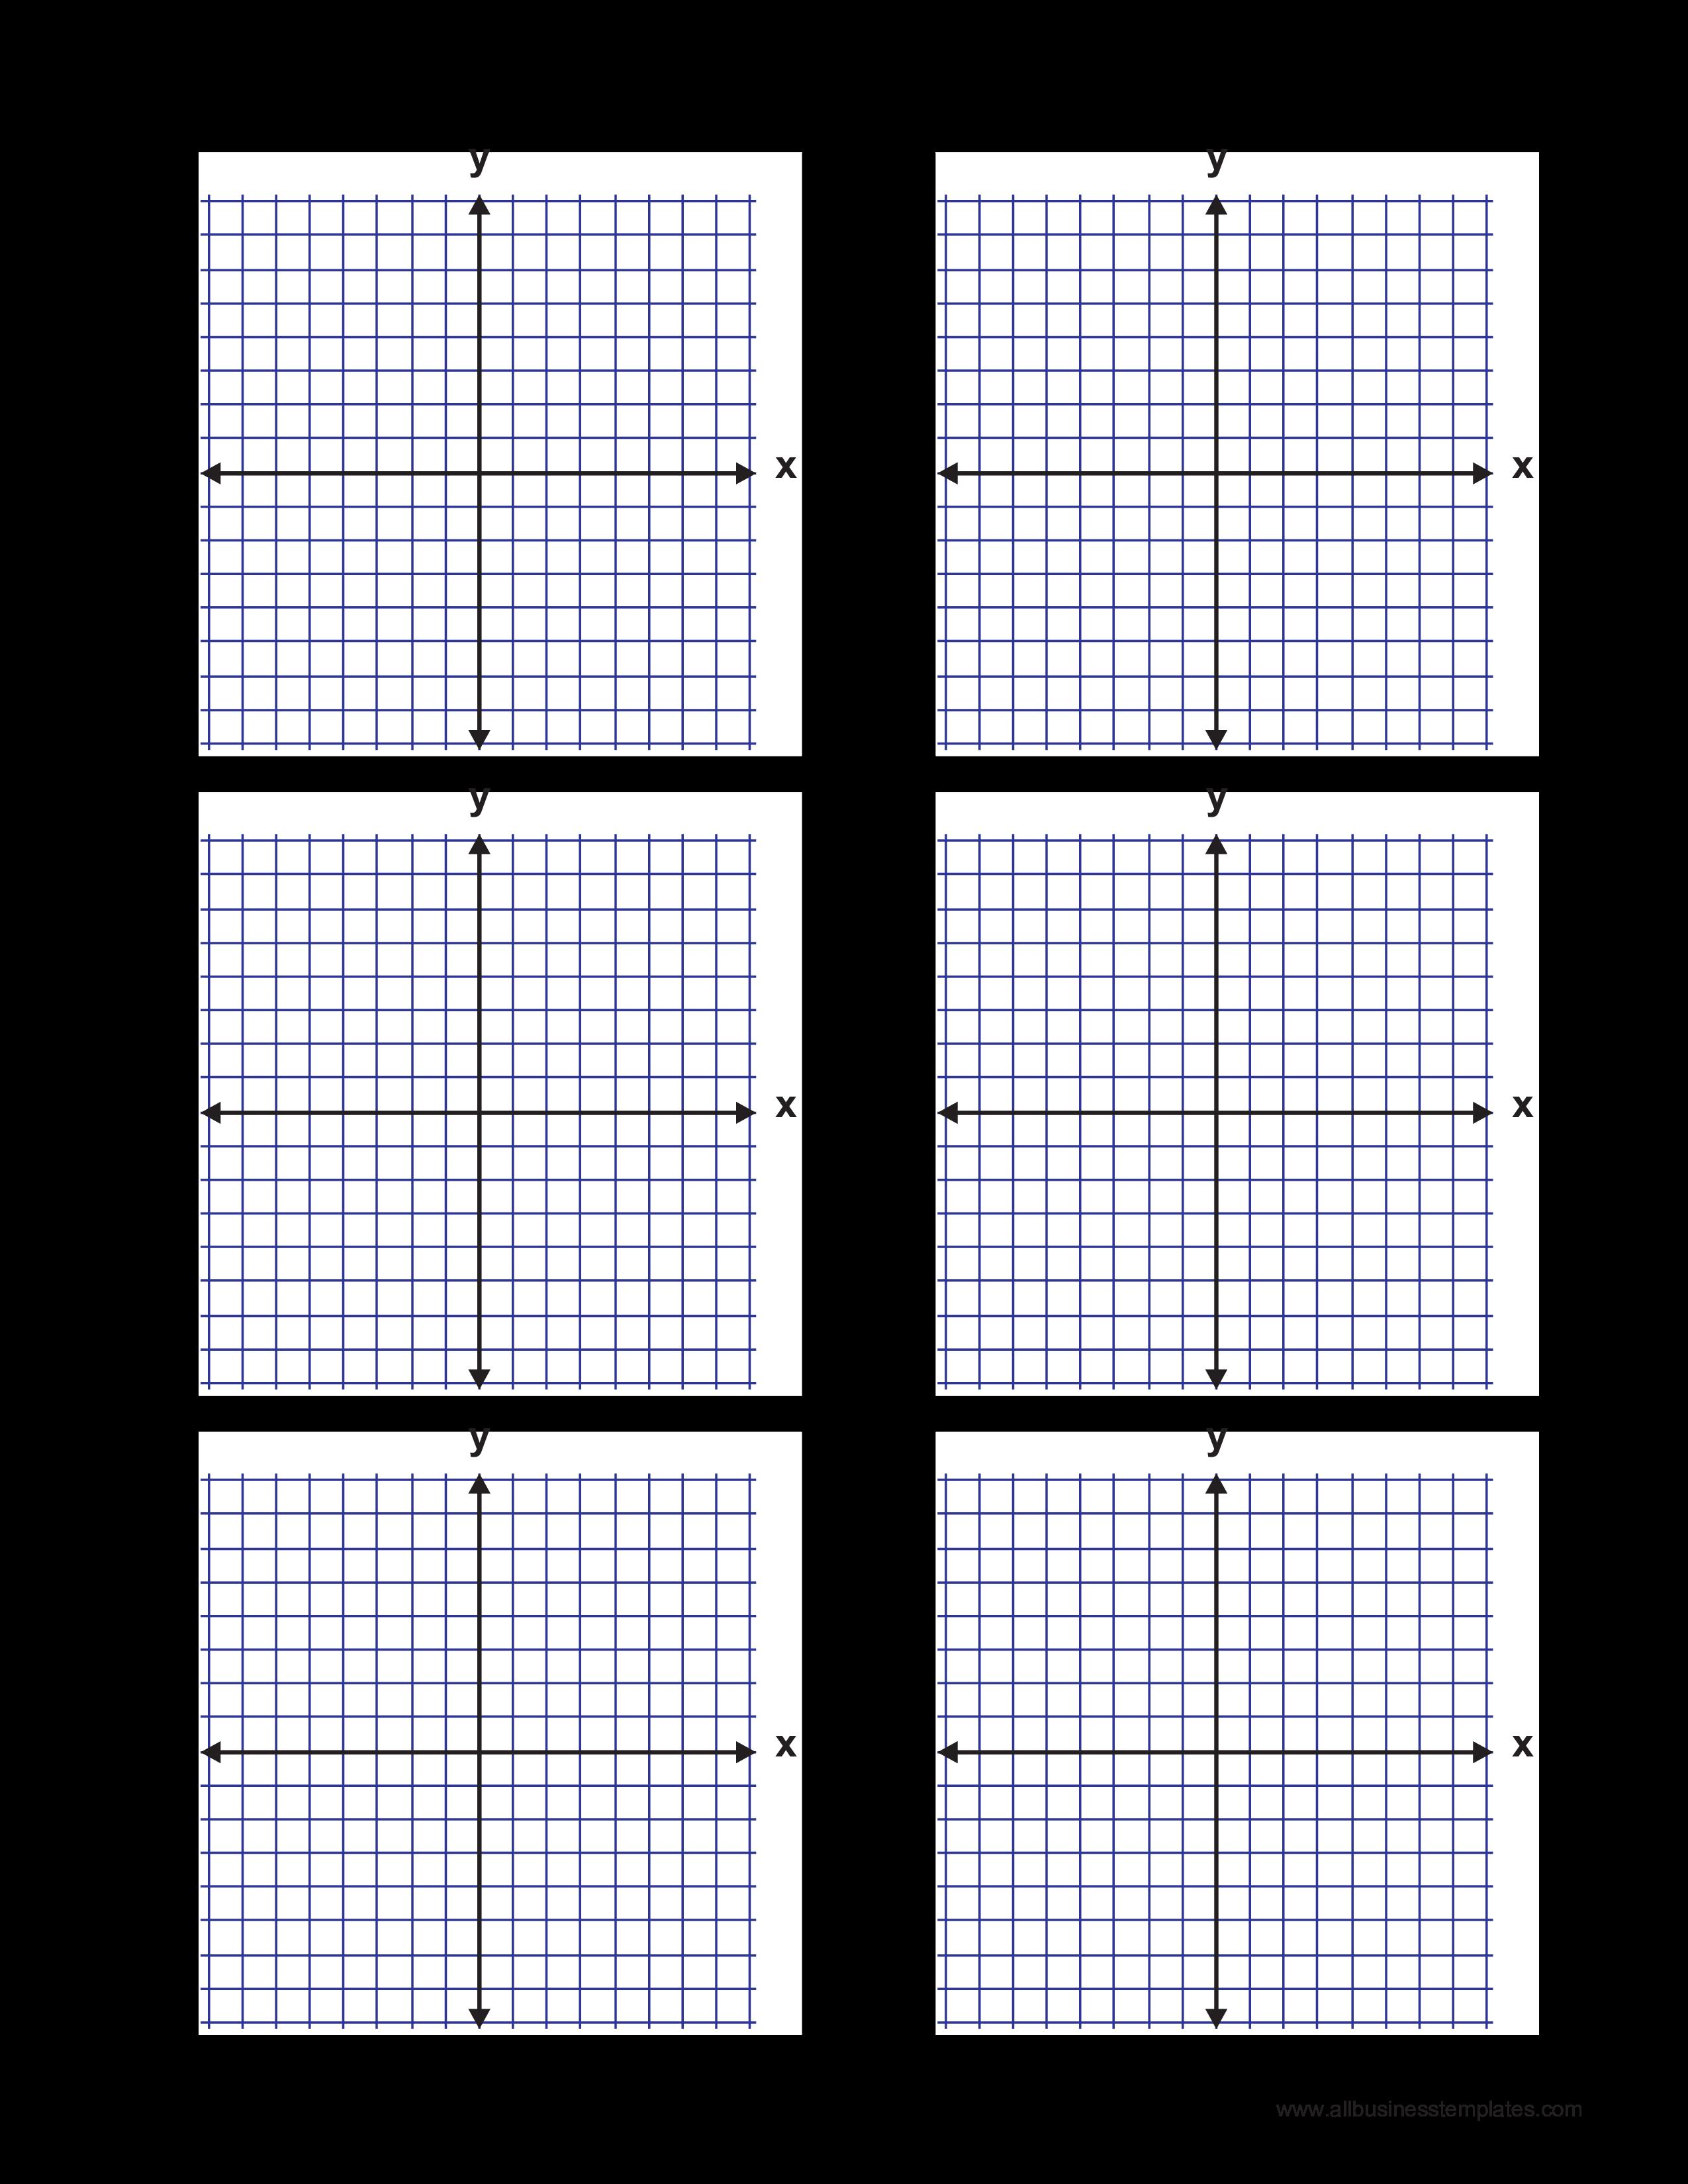 统计文员简历模板范文_个人简历模板网